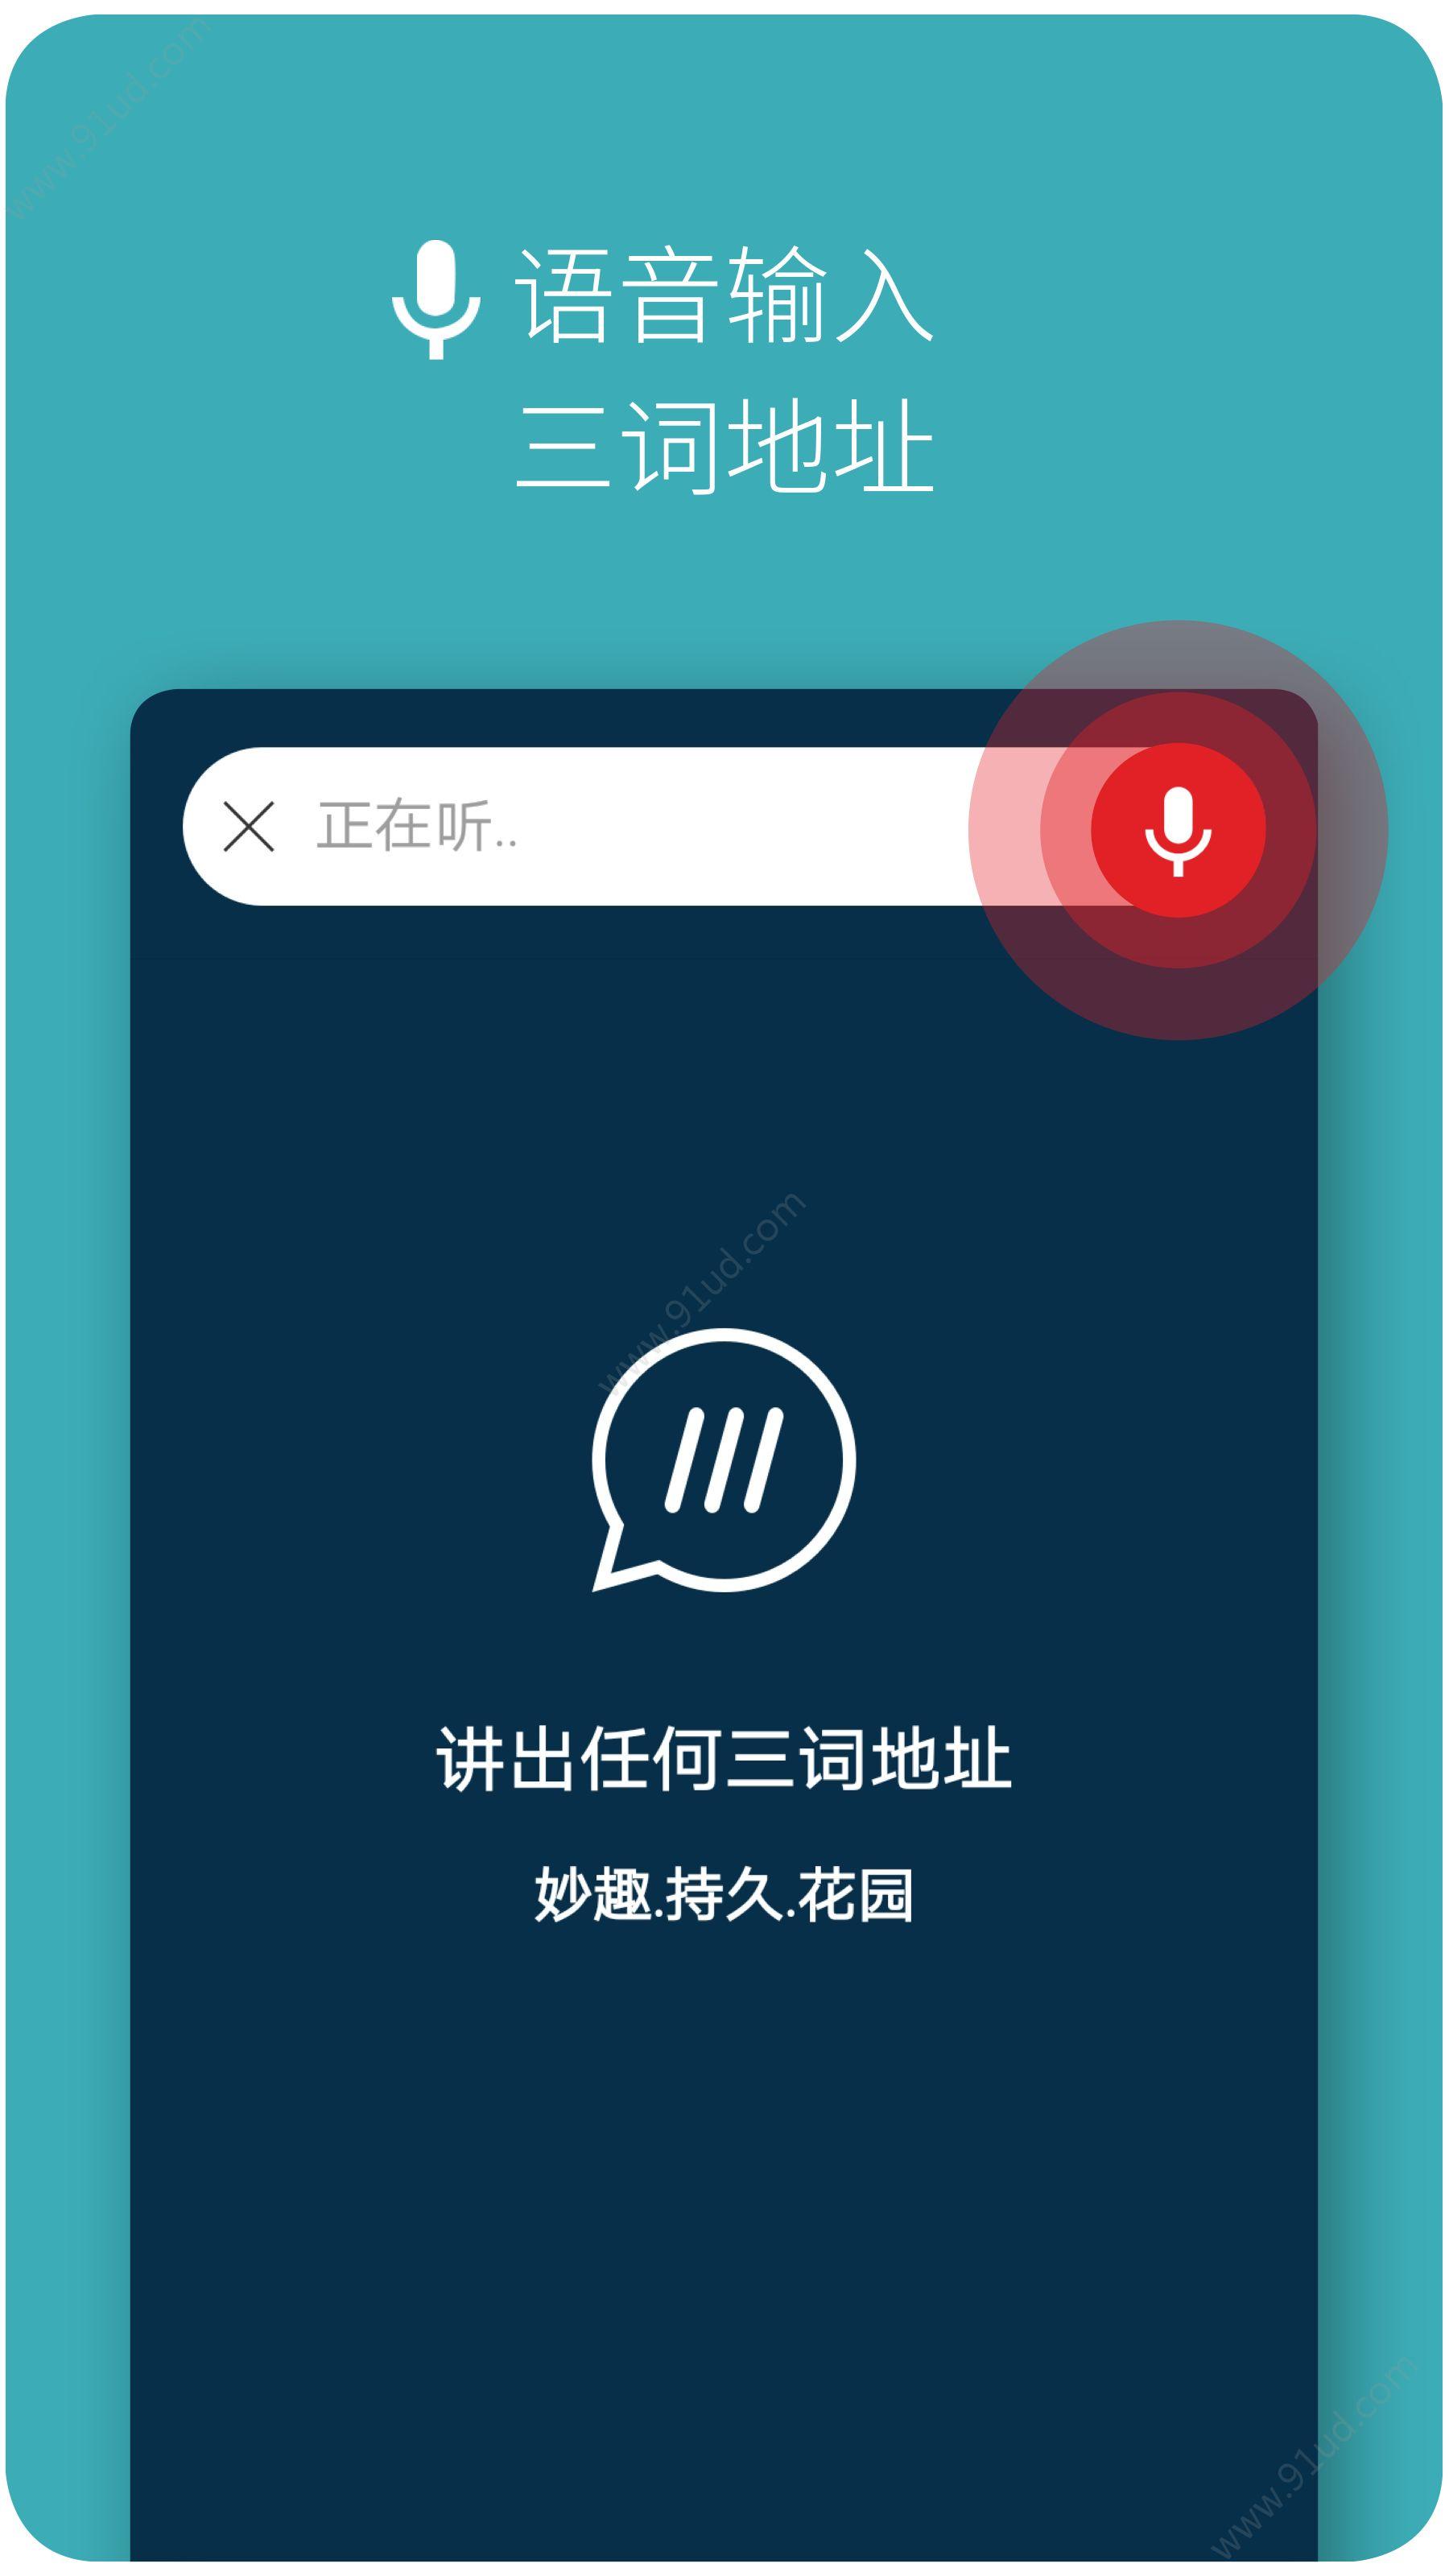 三词地址app图4